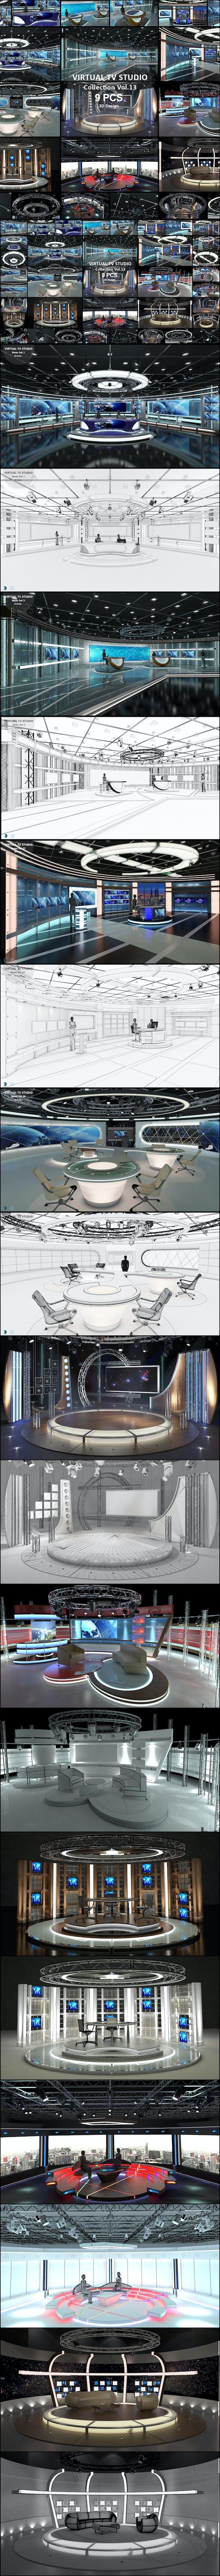 Virtual TV Studio Sets - Collection Vol 13 - 9 PCS DESIGN - 3DOcean Item for Sale